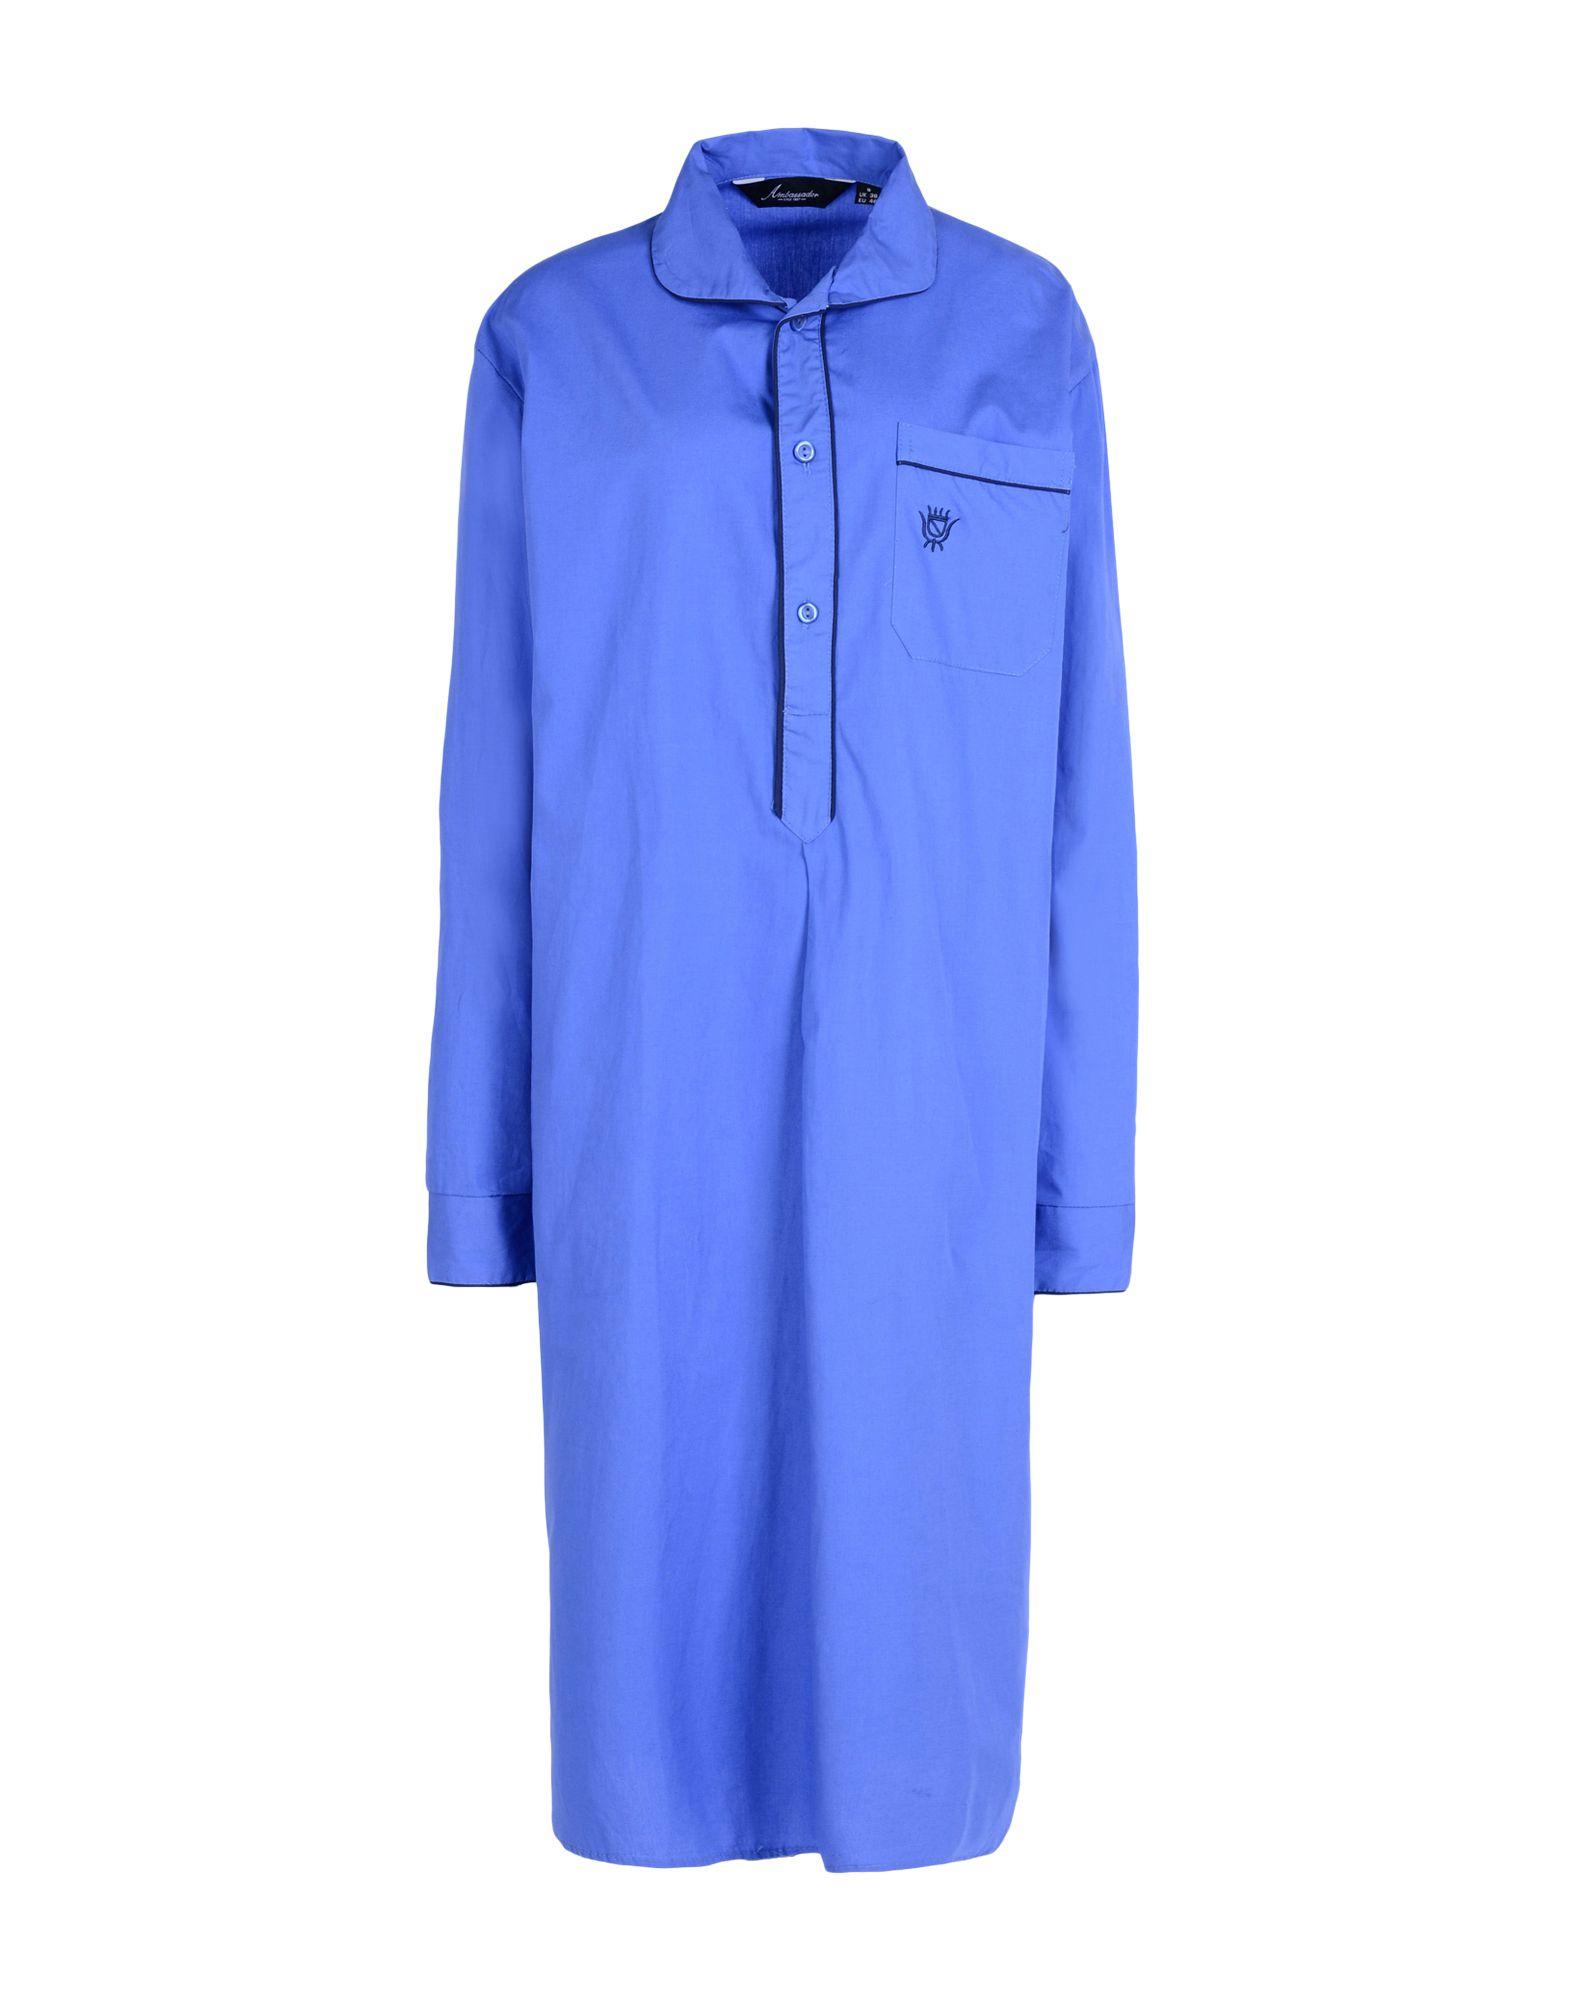 AMBASSADOR Damen Nachthemd Farbe Blau Größe 8